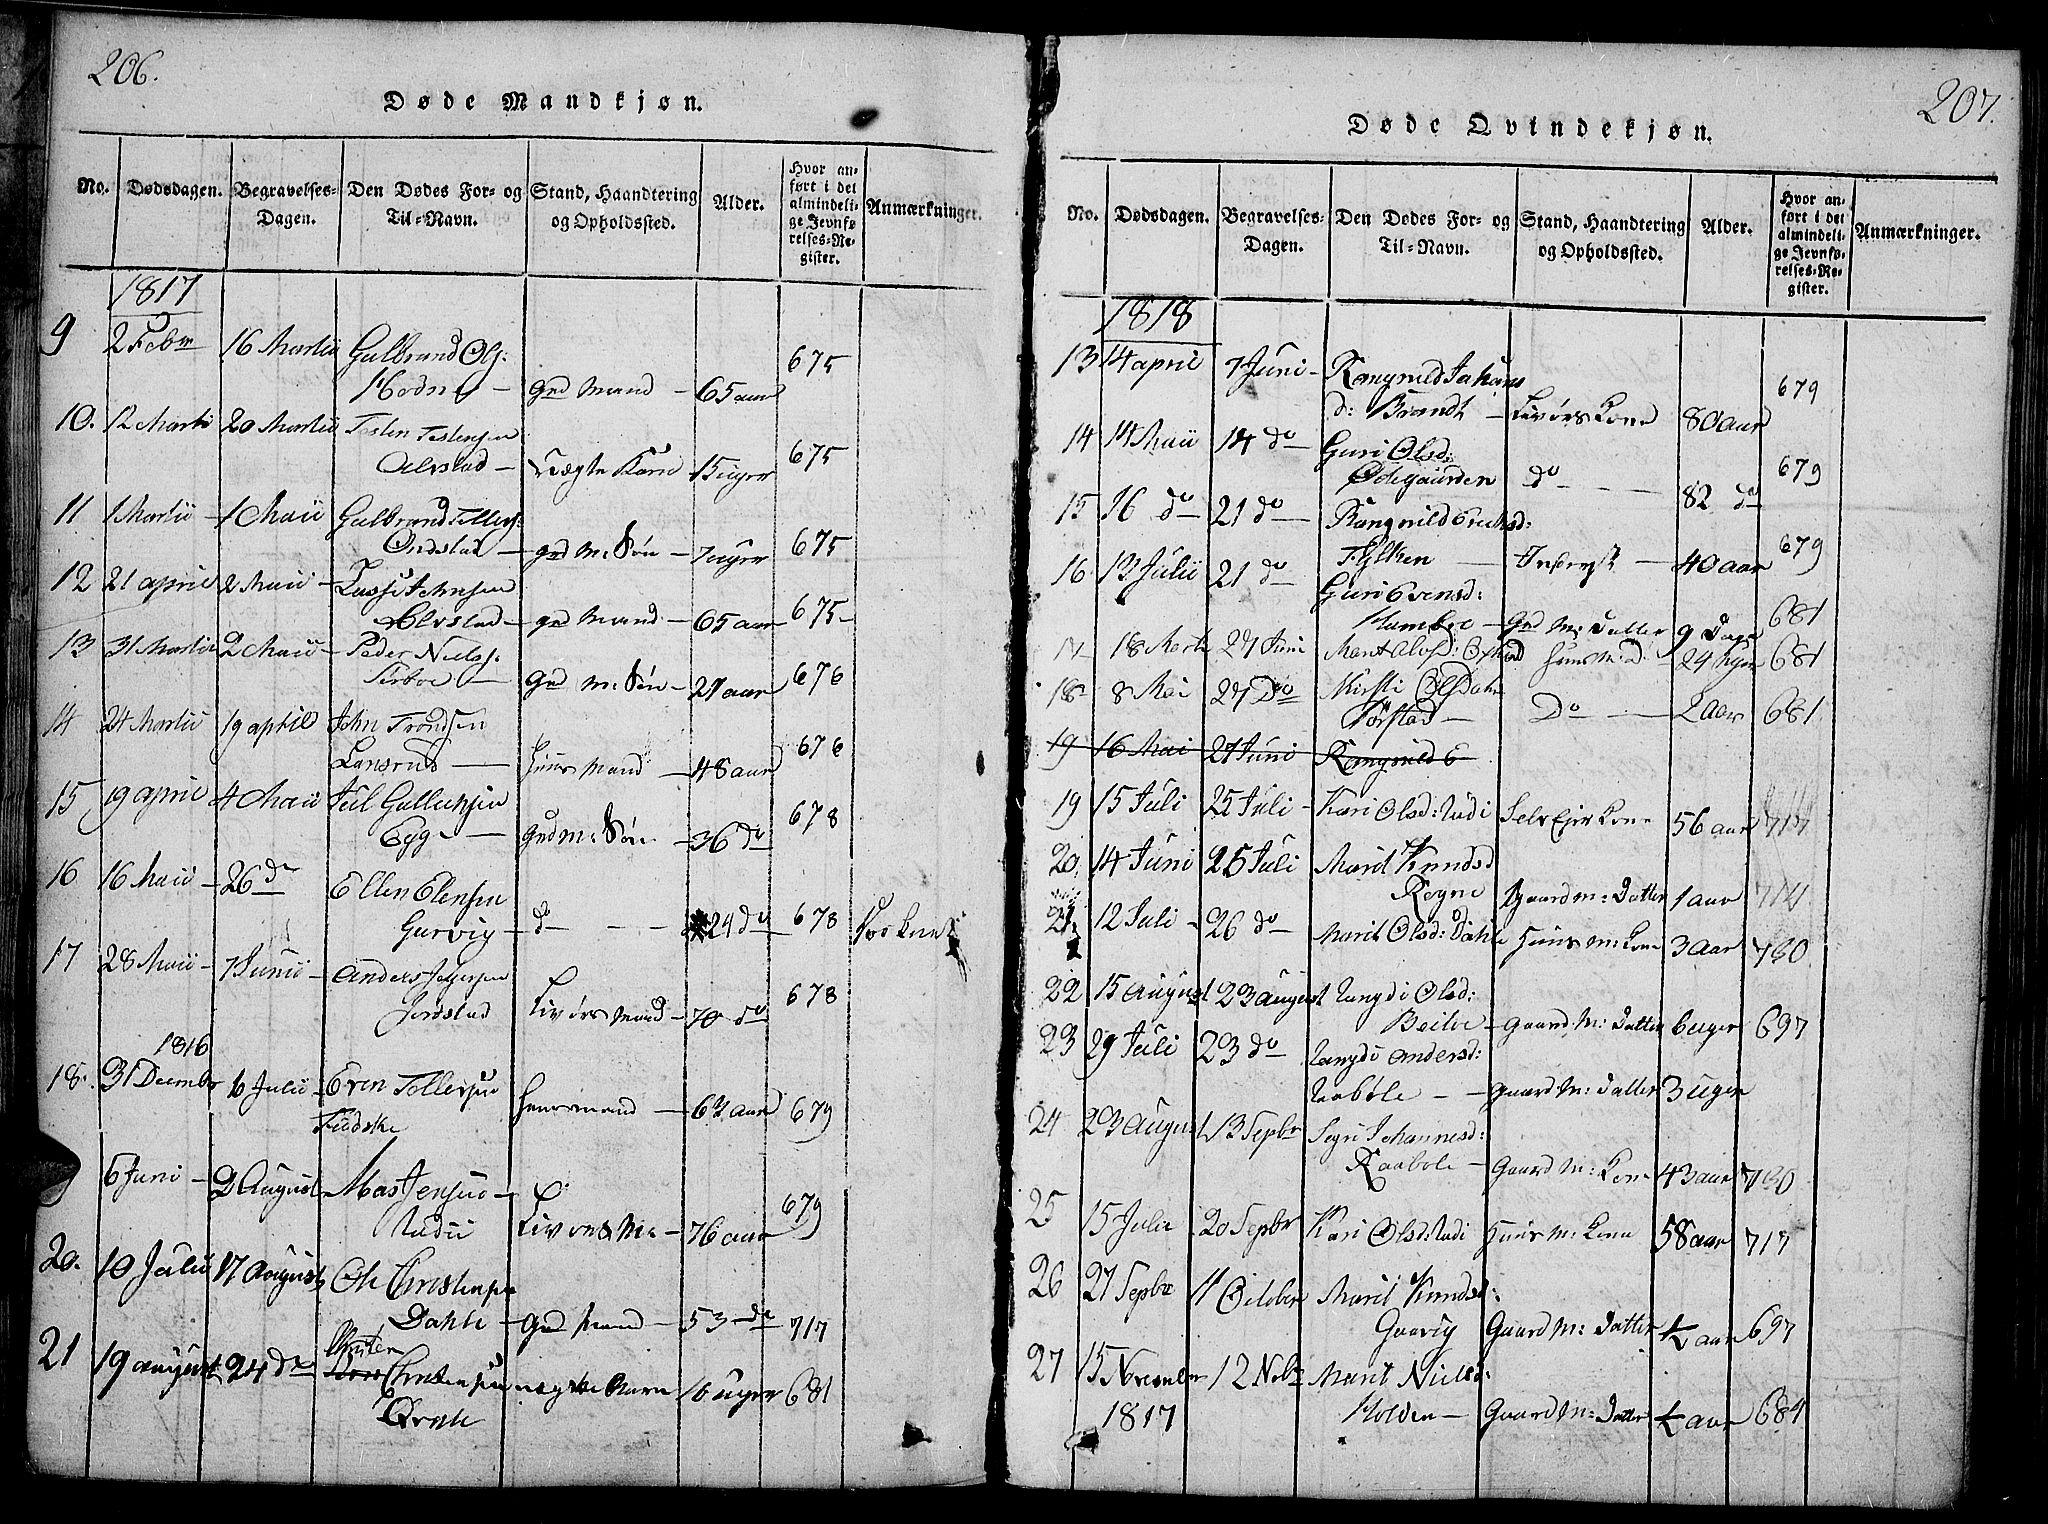 SAH, Slidre prestekontor, Ministerialbok nr. 2, 1814-1830, s. 206-207